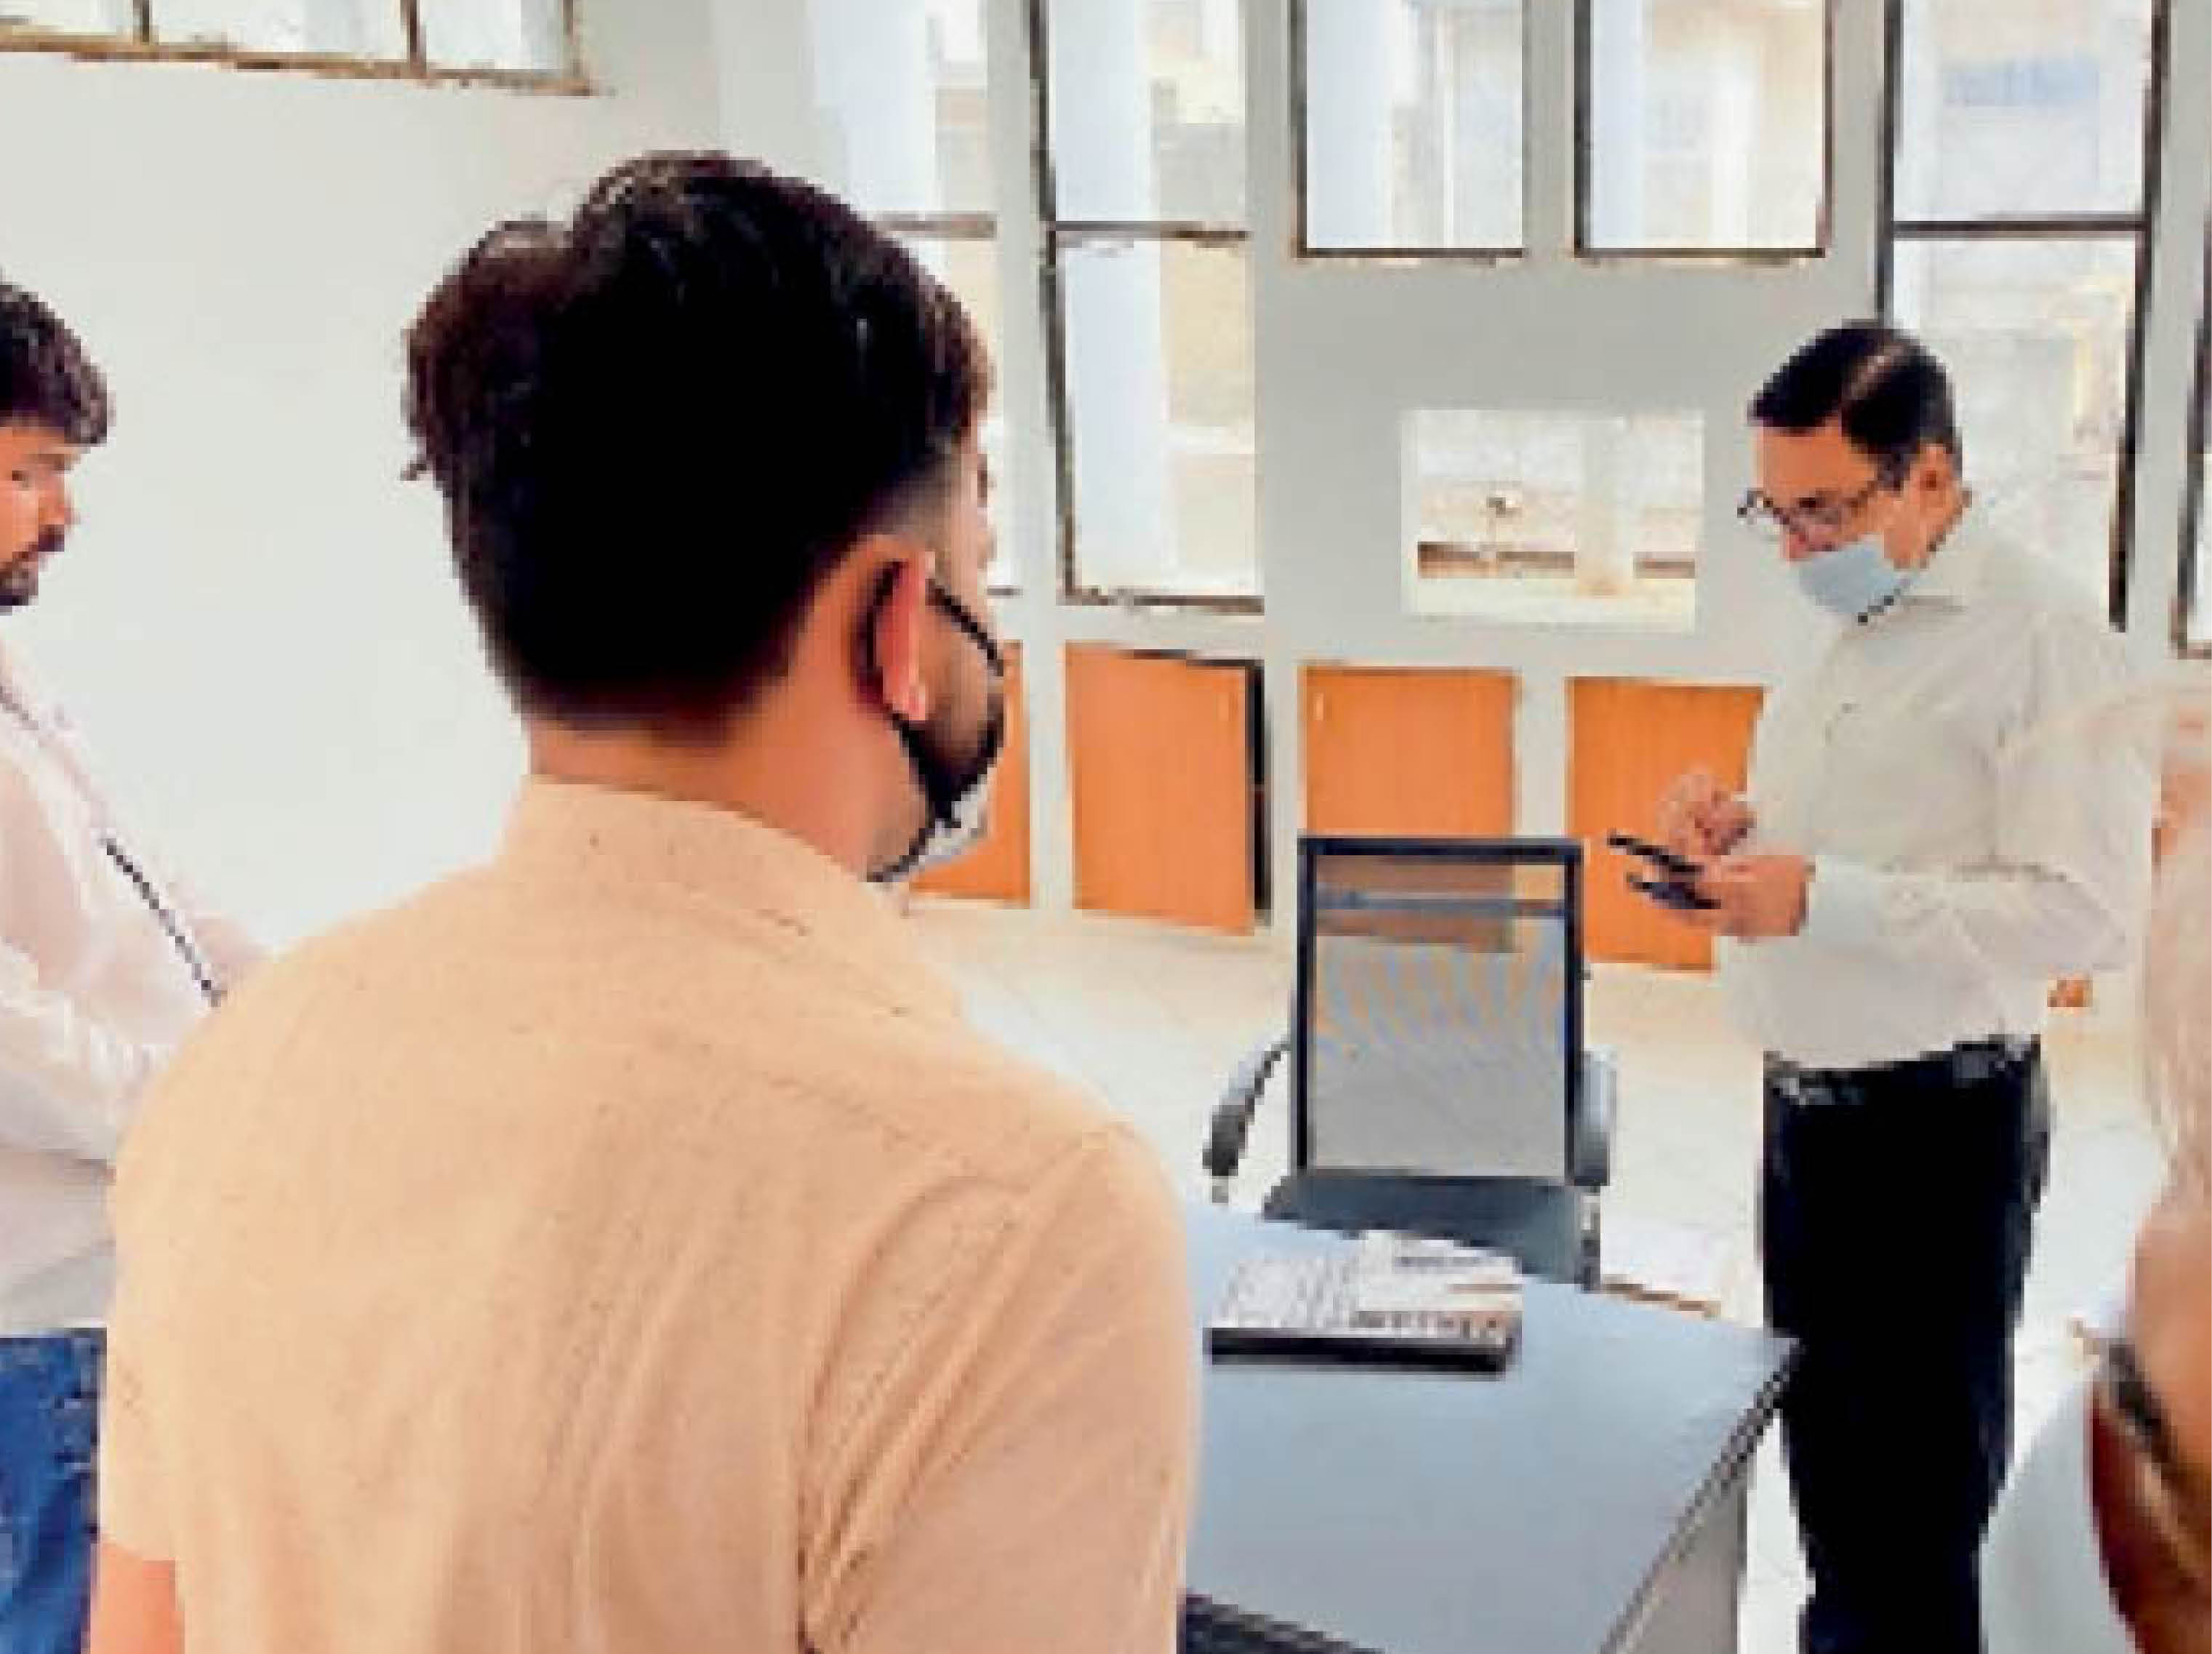 पानीपत. अकाउंट व ऑडिट ब्रांच में खाली कुर्सियों काे देखकर संबंधित अधिकारी काे फाेन मिलाते कमिश्नर। - Dainik Bhaskar